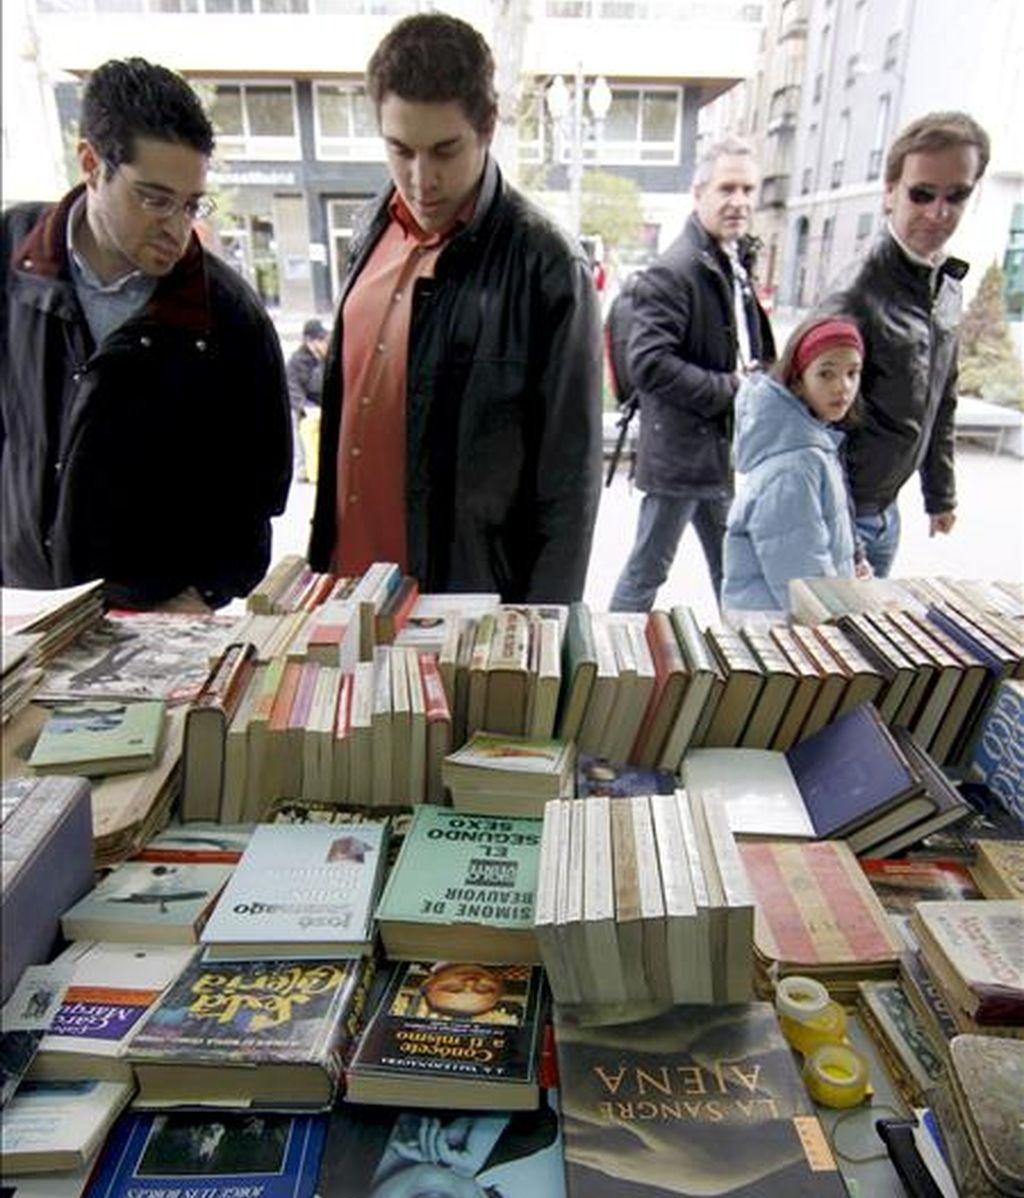 Varias personas observan algunos libros durante la inauguración de la trigésima Feria del Libro Antiguo y Ocasión de Castilla y León hoy en Valladolid. EFE